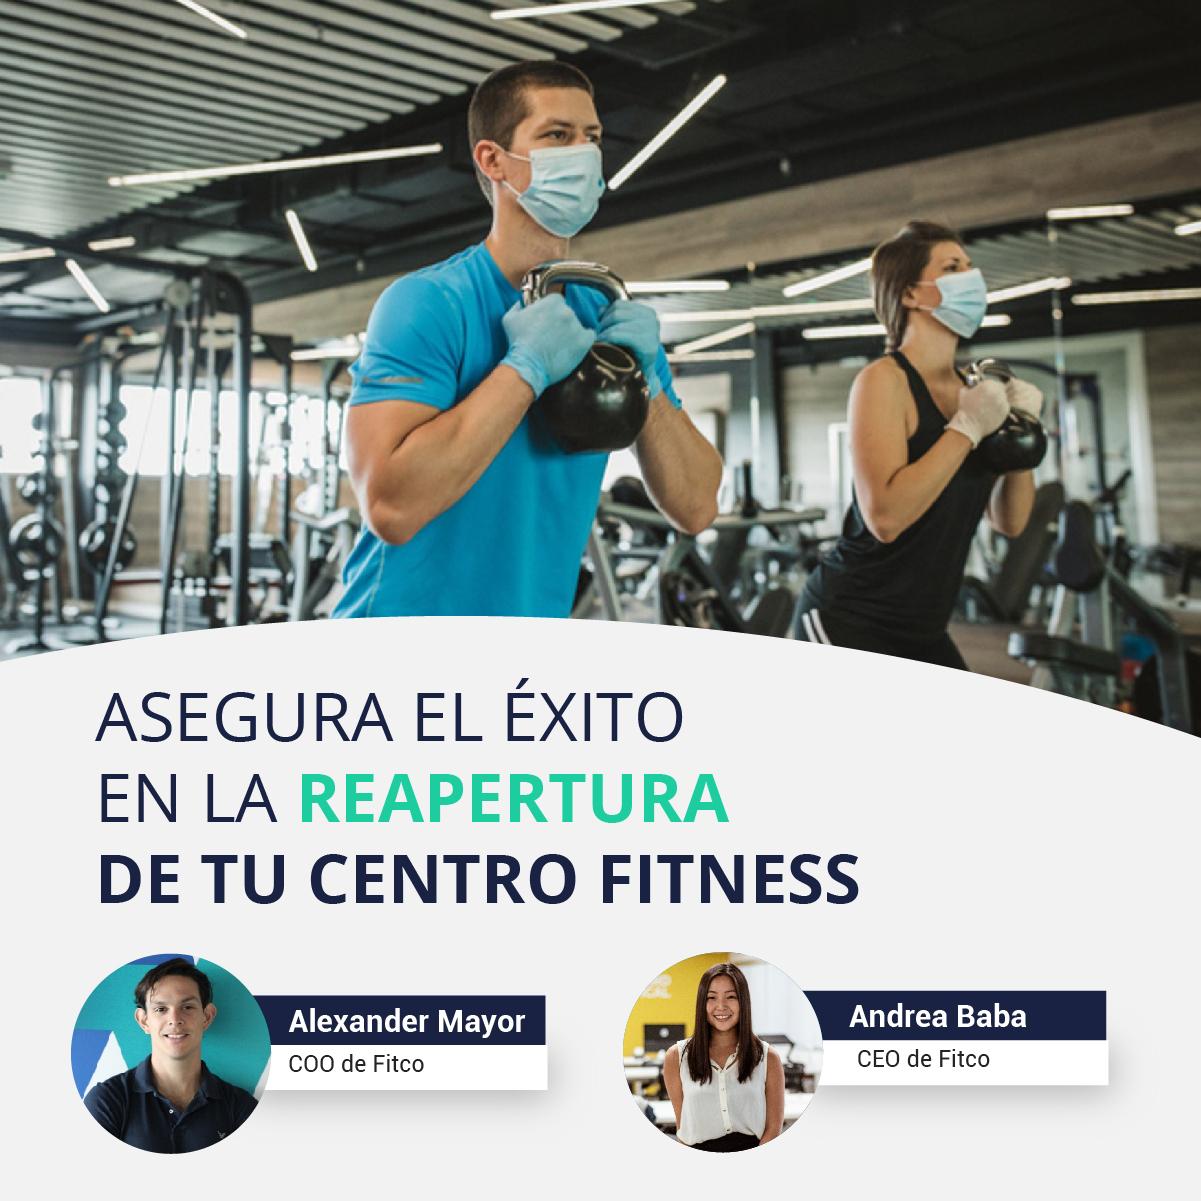 Asegura el exito en la reapertura de tu centro fitness